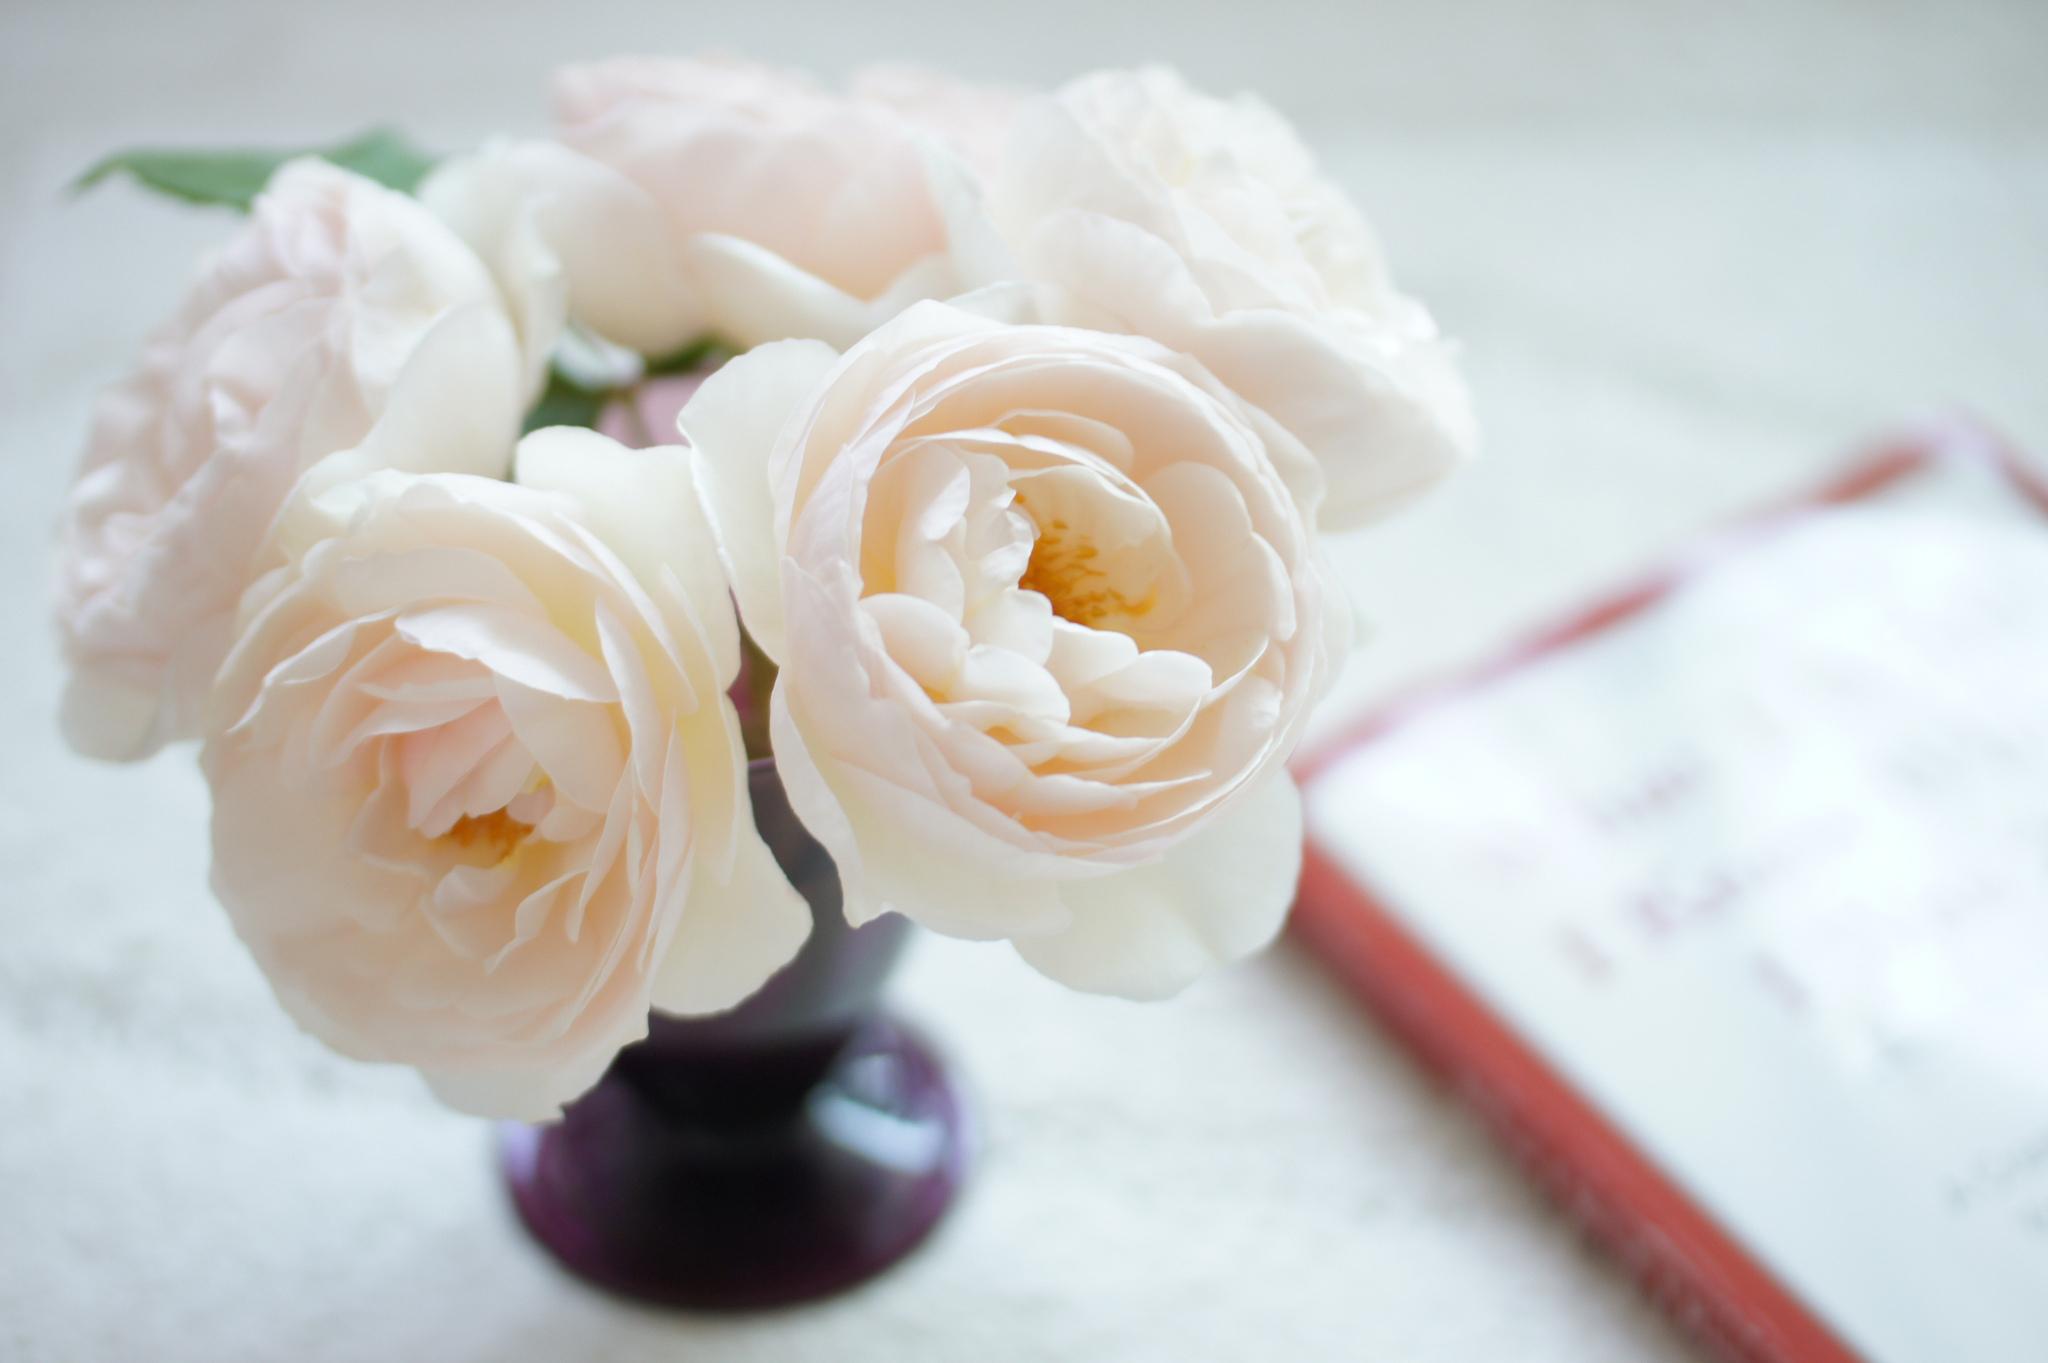 нежно-кремовые свадебные розы  № 1322987 бесплатно